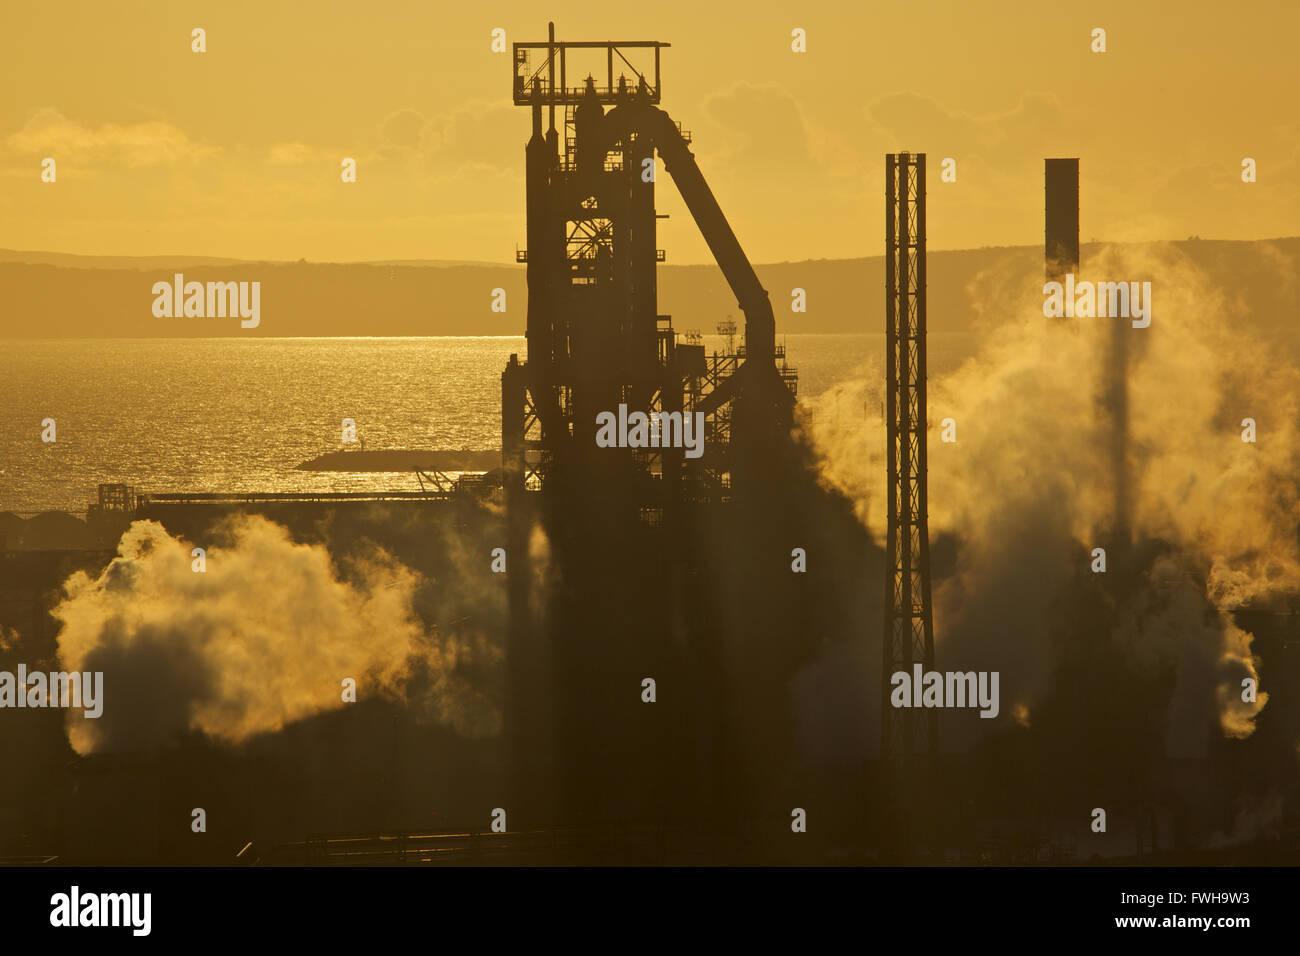 Tata Steel works, Port Talbot, Pays de Galles, Royaume-Uni. 5 avril 2016. Au fil des pavés soleil Tata Steel works, Port Talbot, un jour que le gouvernement britannique est hopefull qu'un acheteur est trouvé pour la menacé steel works. Plus de 4 000 emplois sont menacés après Tata Steel a annoncé son intention de vendre la semaine dernière, c'est travail acier sites à travers le Royaume-Uni. Credit: Haydn Denman/Alamy Live News Banque D'Images